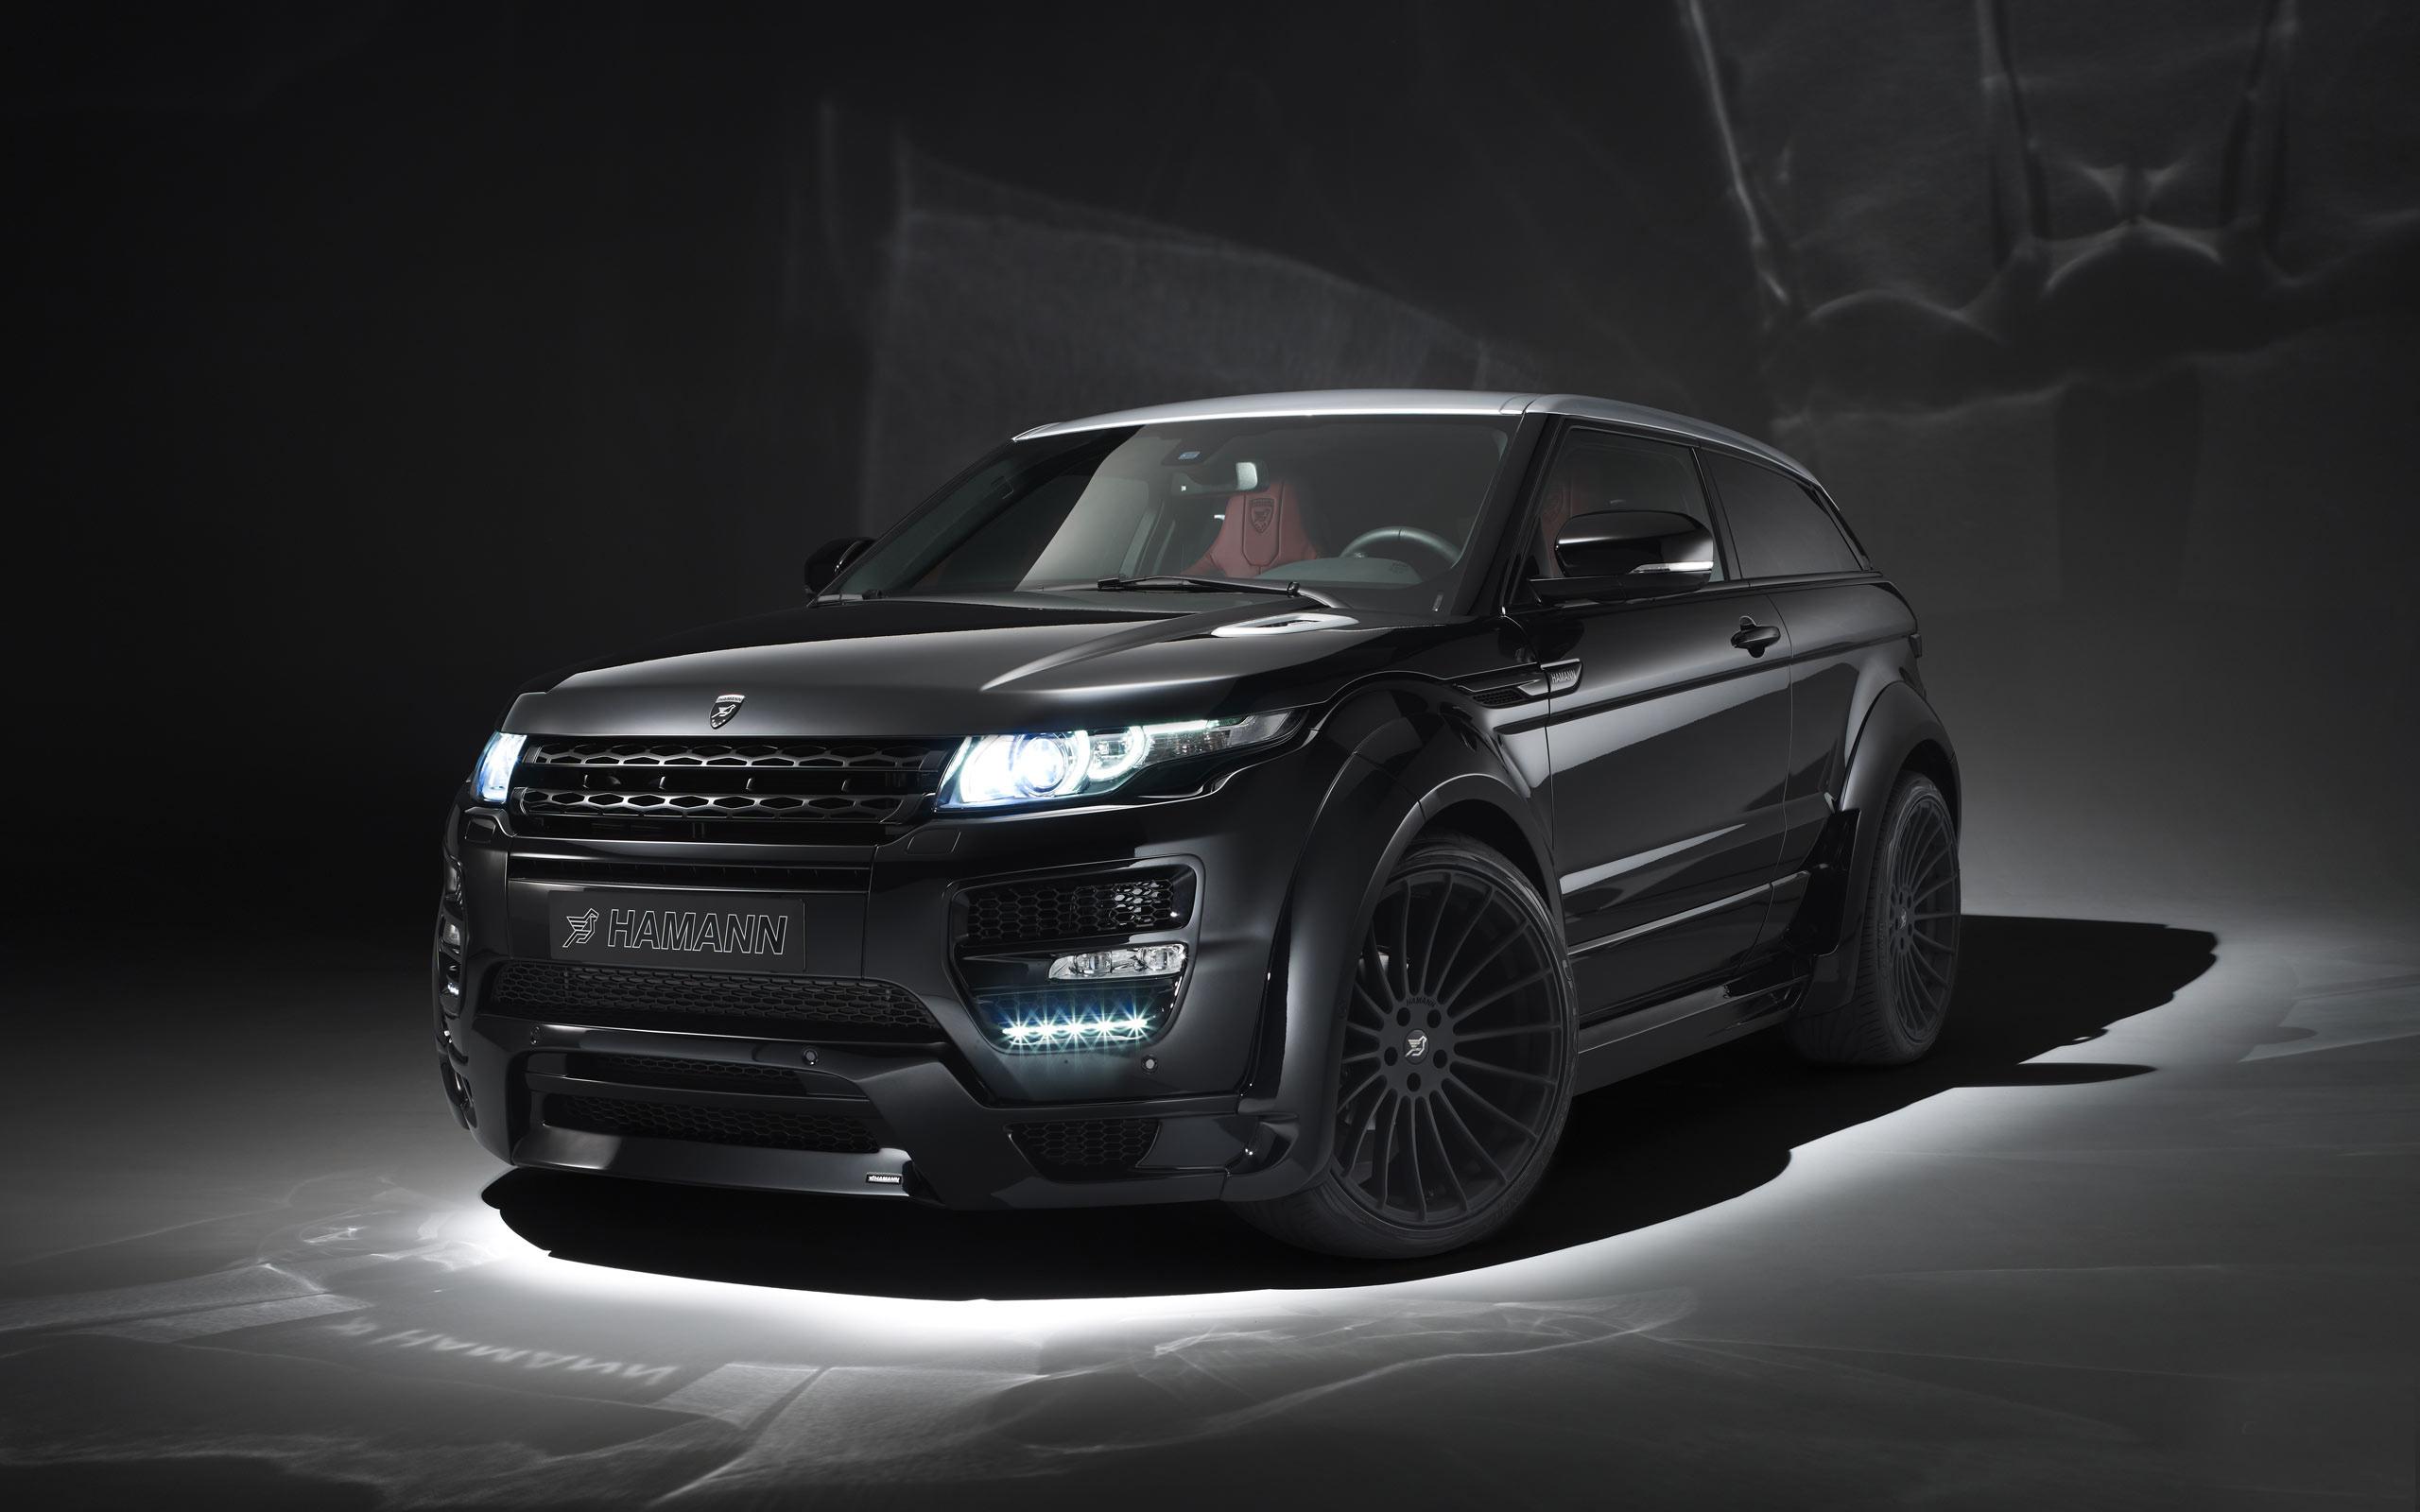 Land Rover Autobiography >> 2012 Range Rover Evoque Hamann Wallpaper | HD Car ...